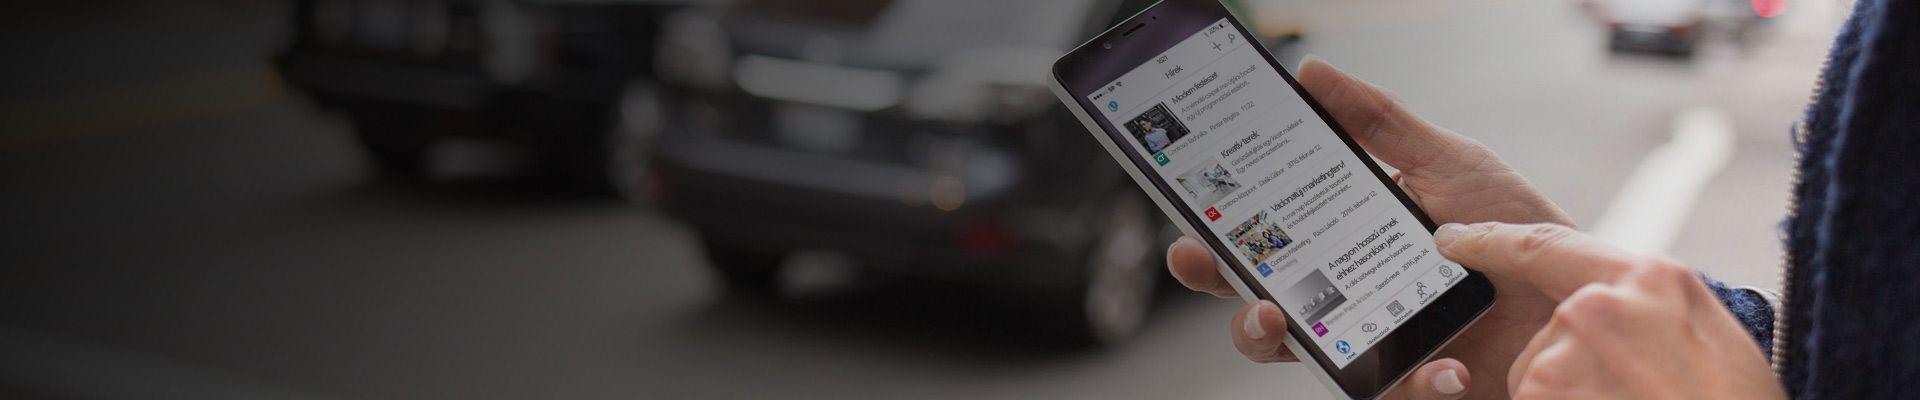 Okostelefon, amelyen webhelyekről származó SharePoint-hírek láthatók